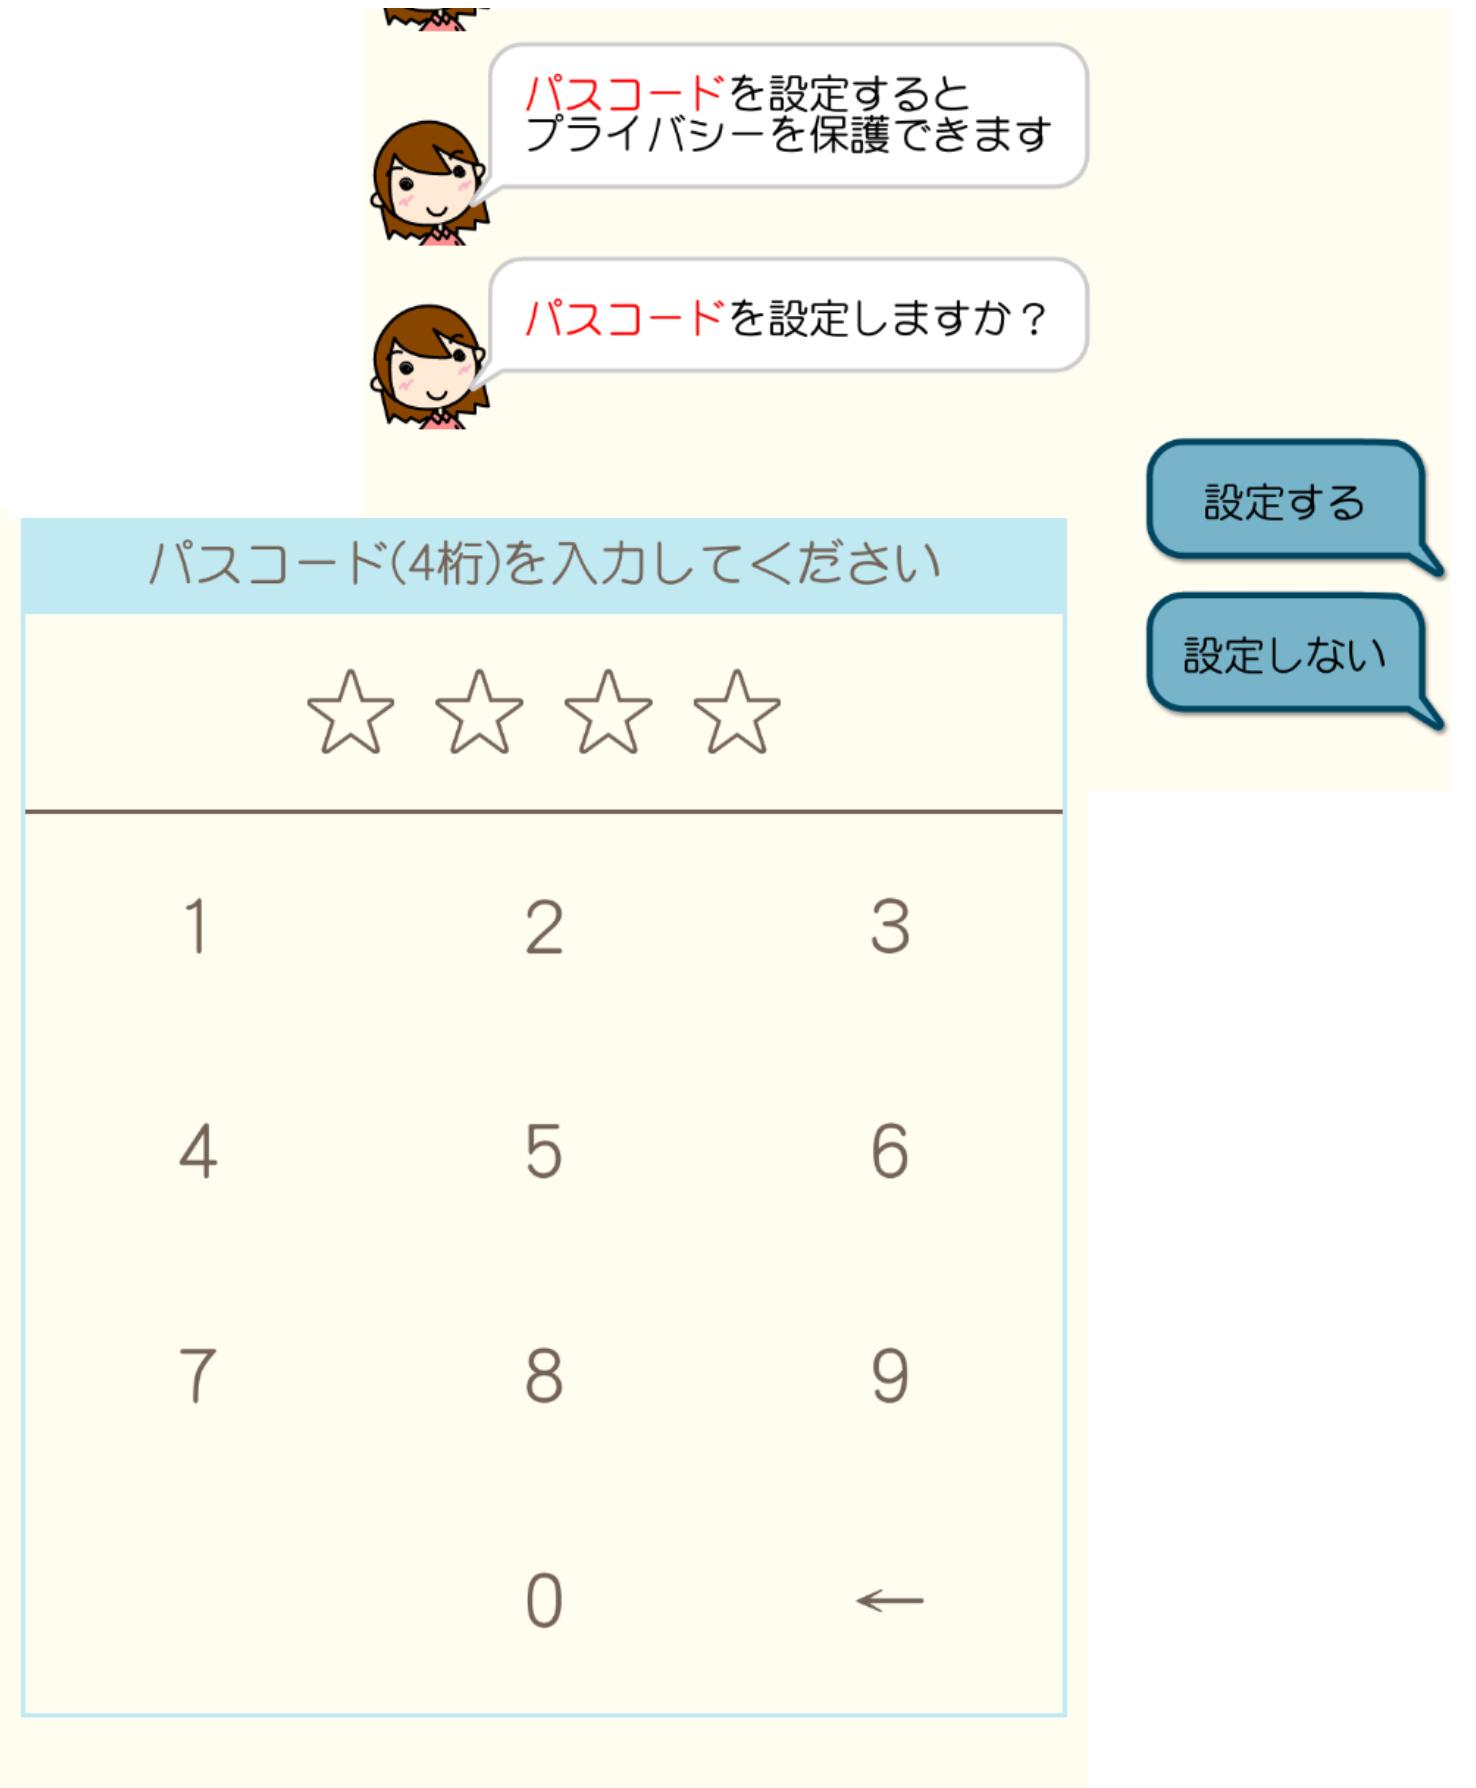 カロリDiet プロフィール パスコード設定画面